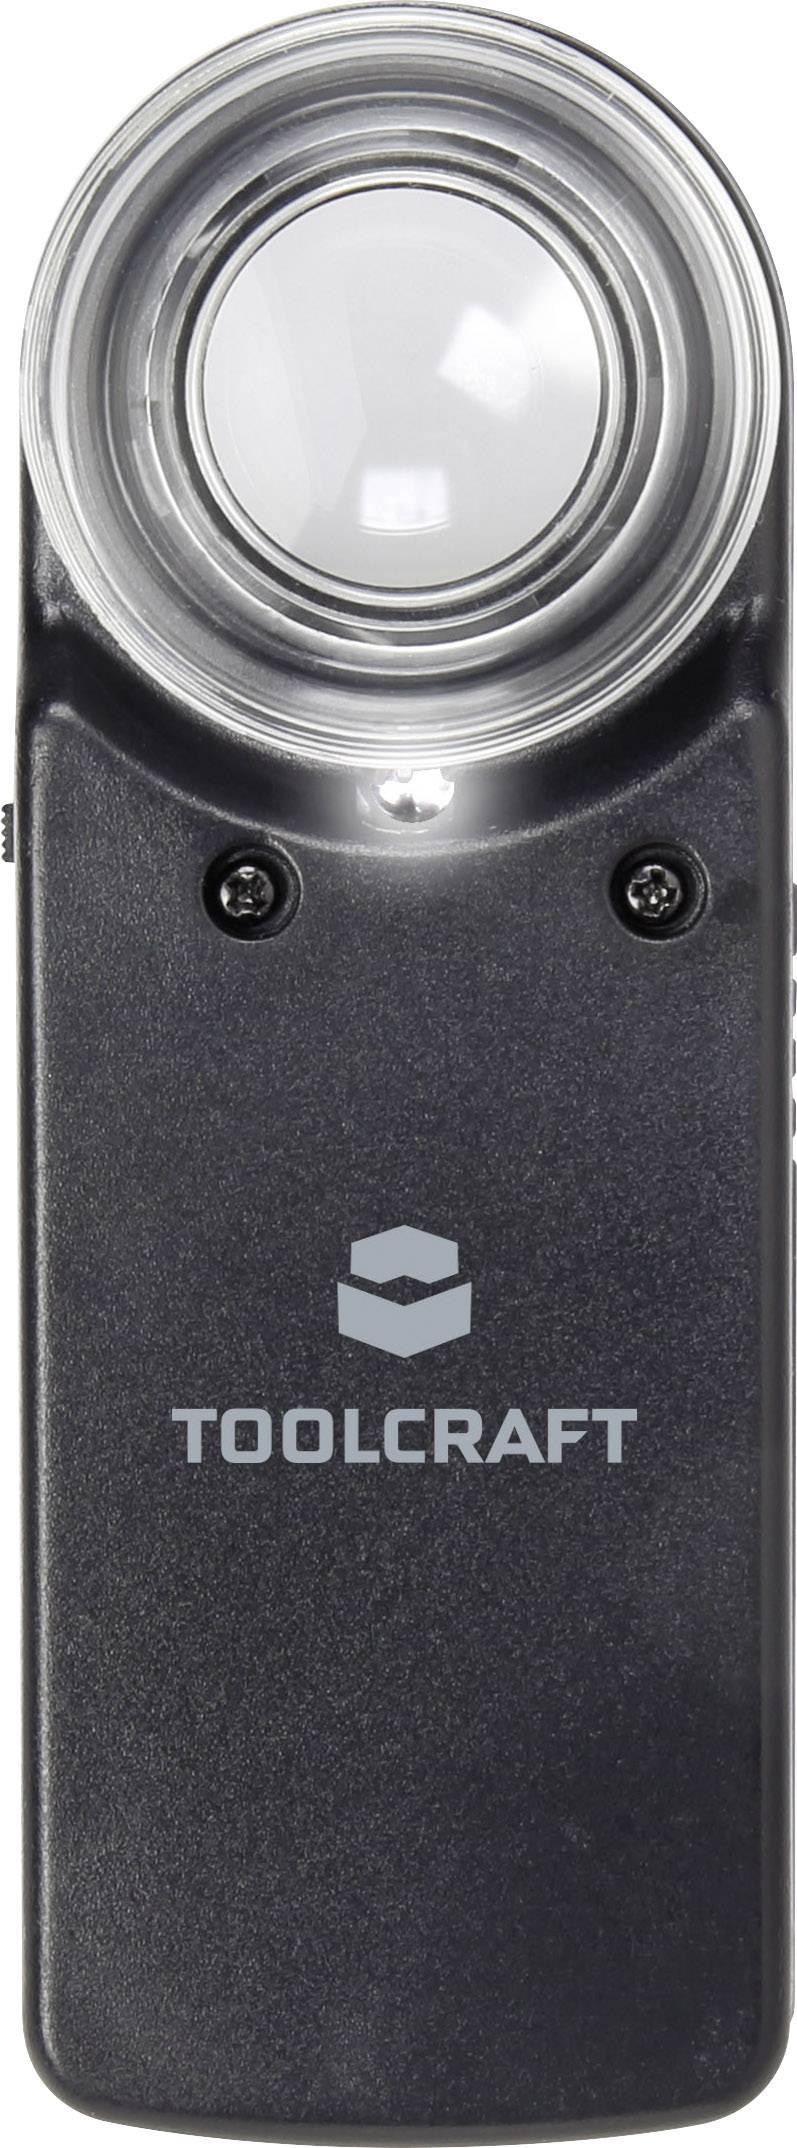 Ručná lupa s osvetlením TOOLCRAFT, zväčšenie 15x, Ø 20 mm